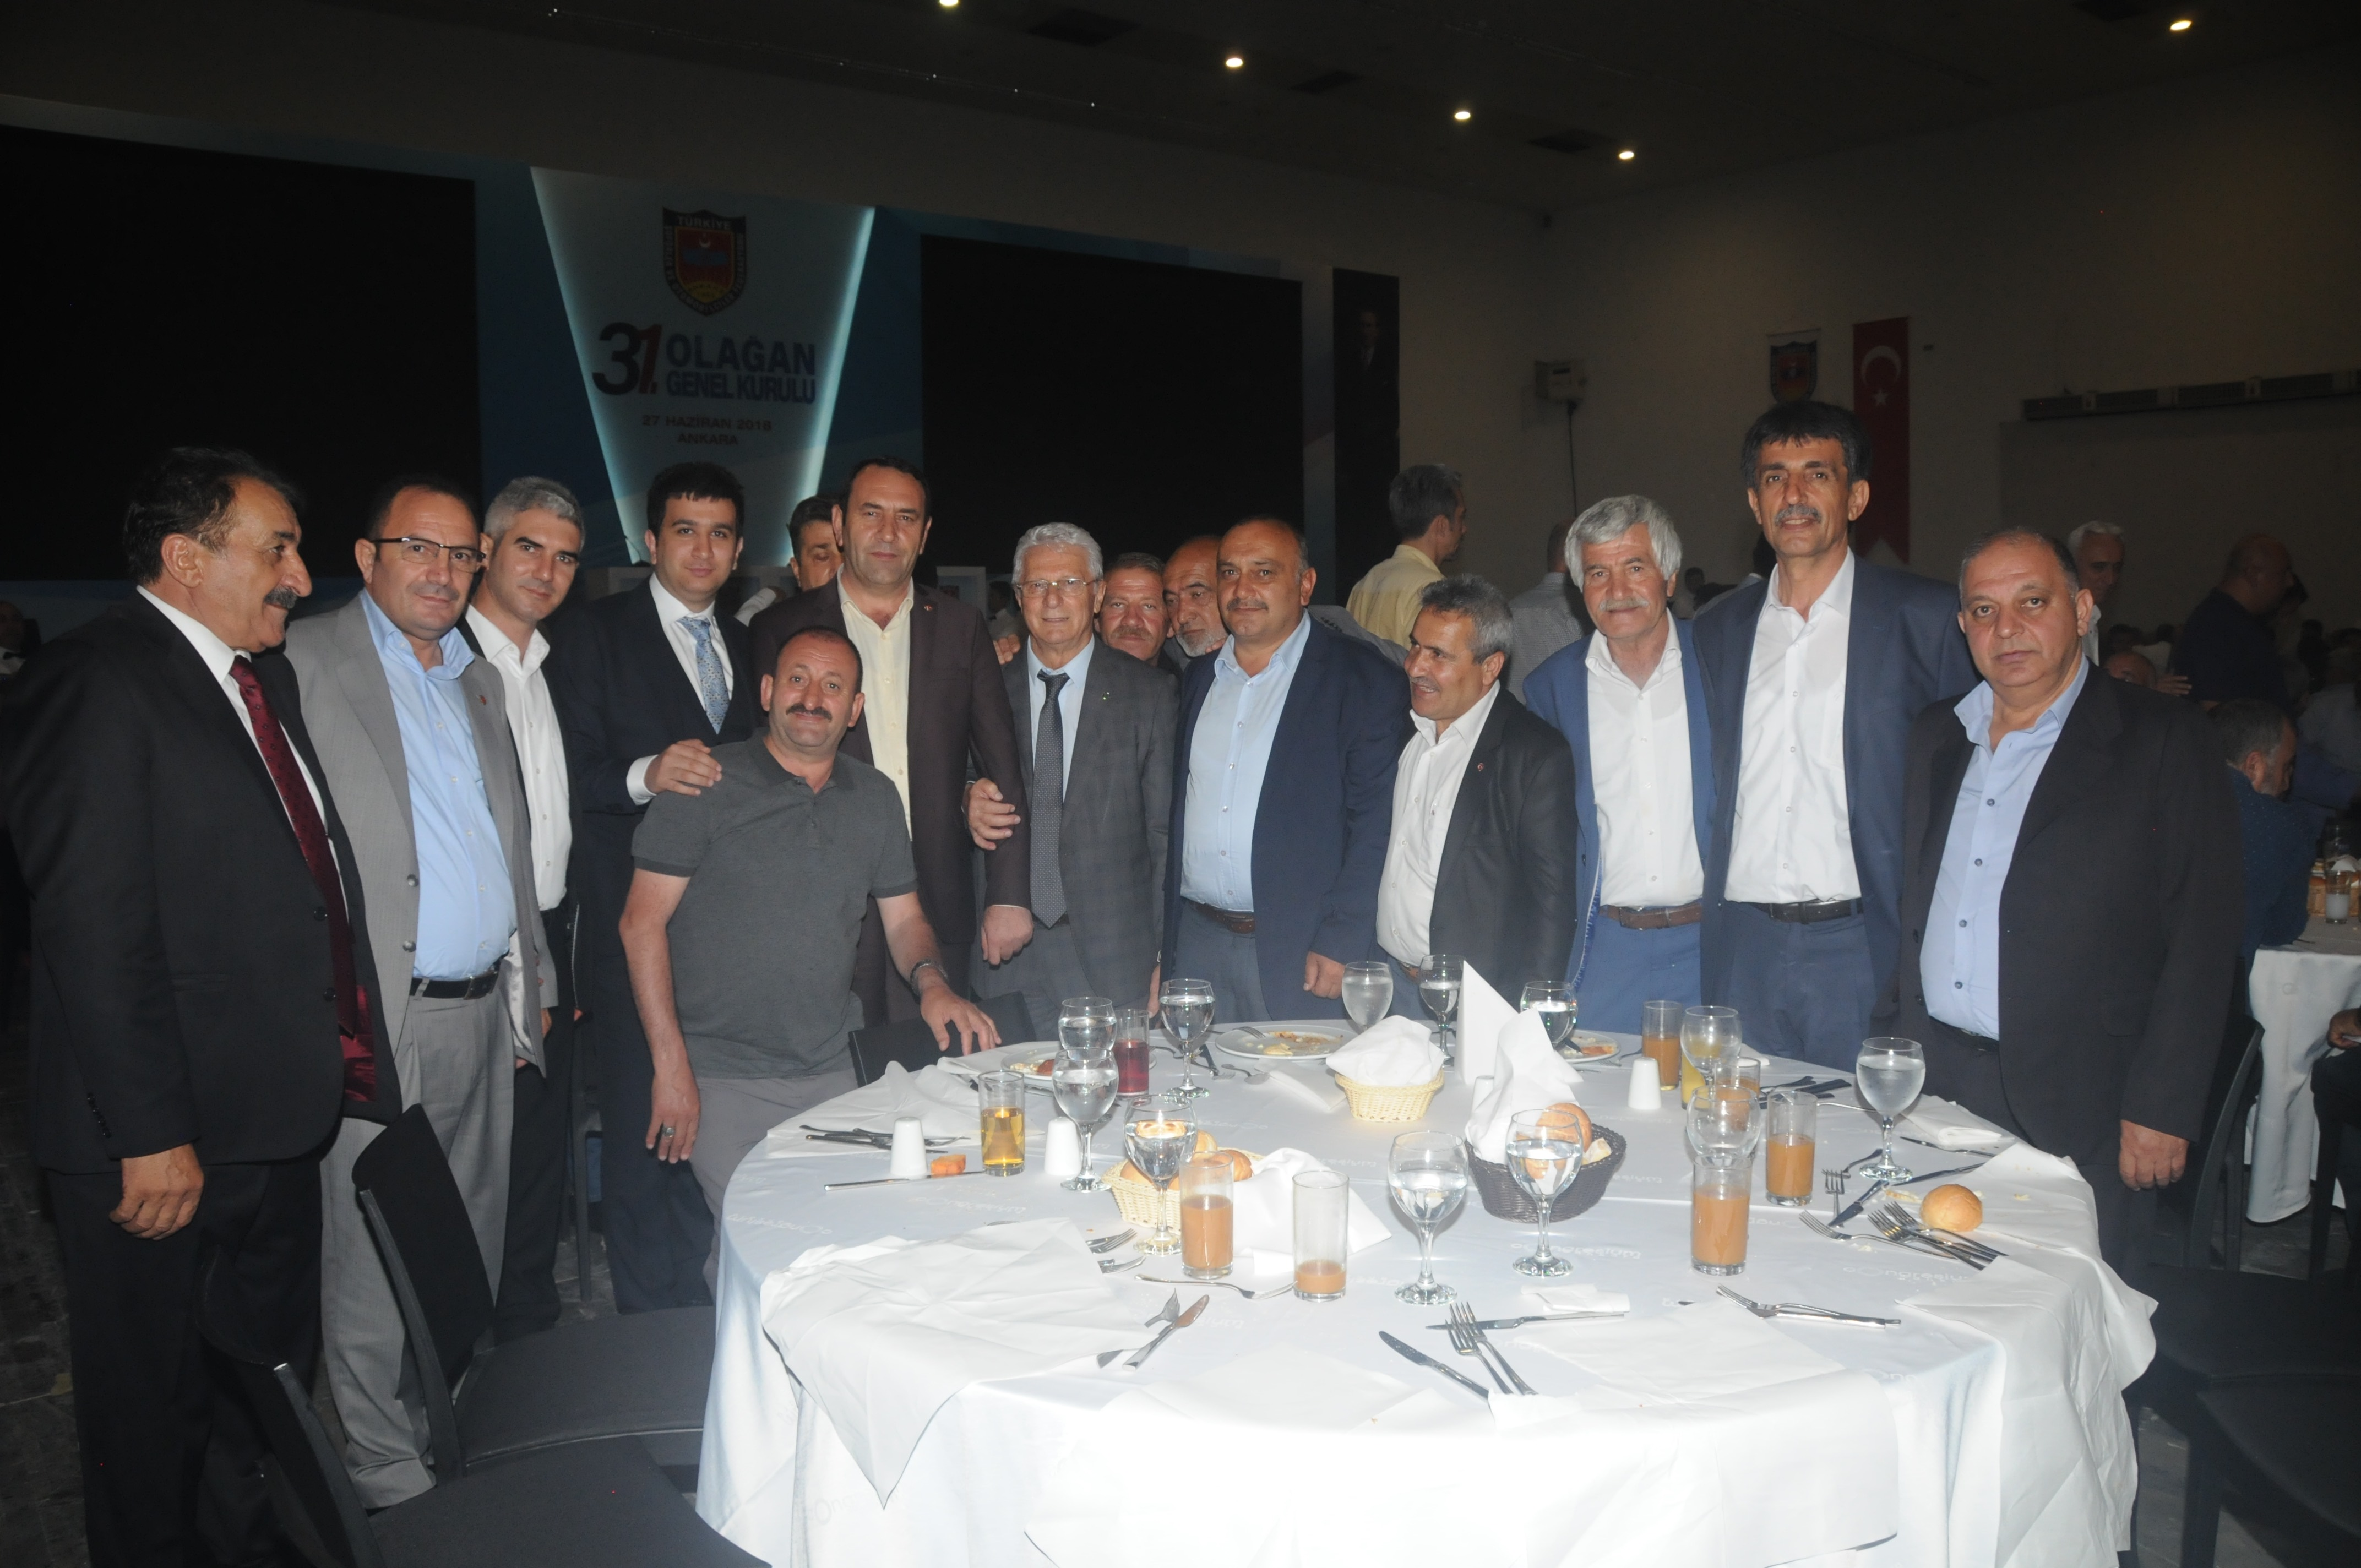 TŞOF BAŞKANI FEVZİ APAYDIN, GENEL KURUL'DA GÜVEN TAZELEDİ